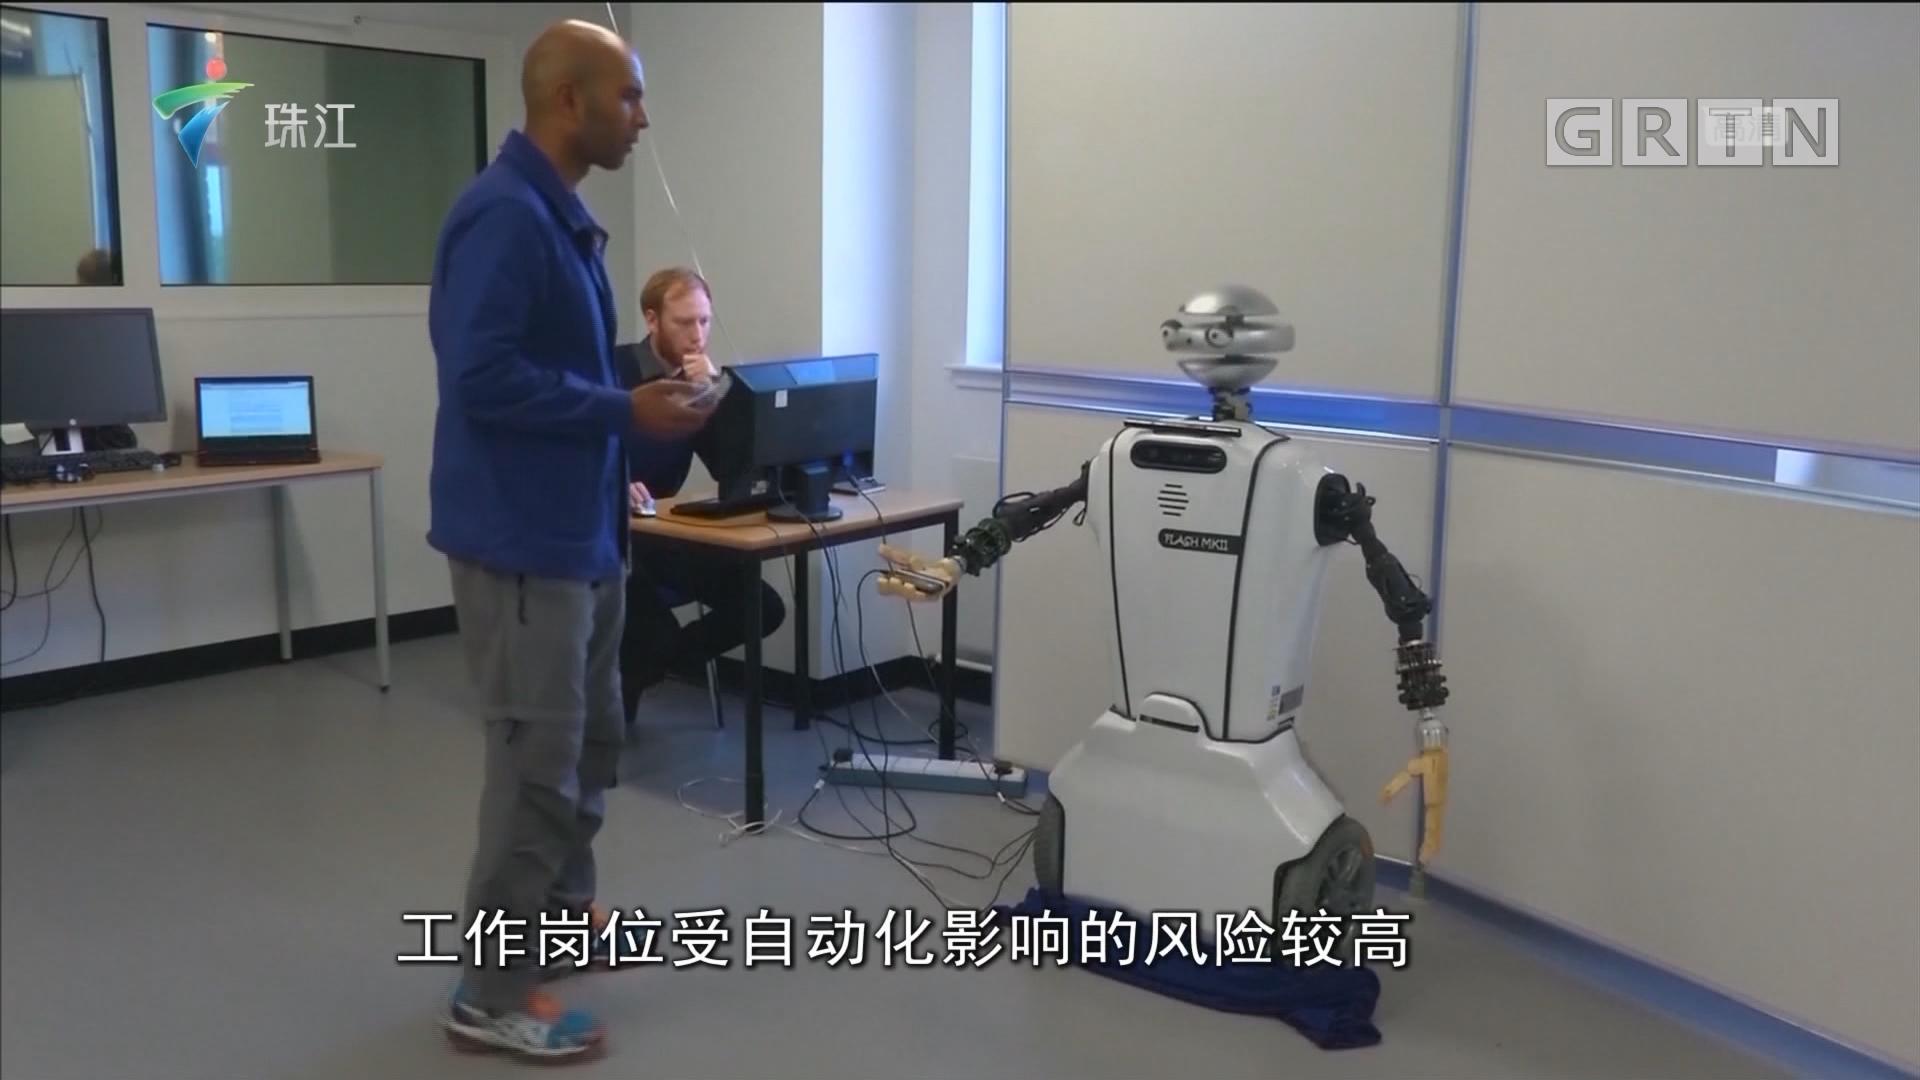 英国报告称三类职业受自动化技术影响大